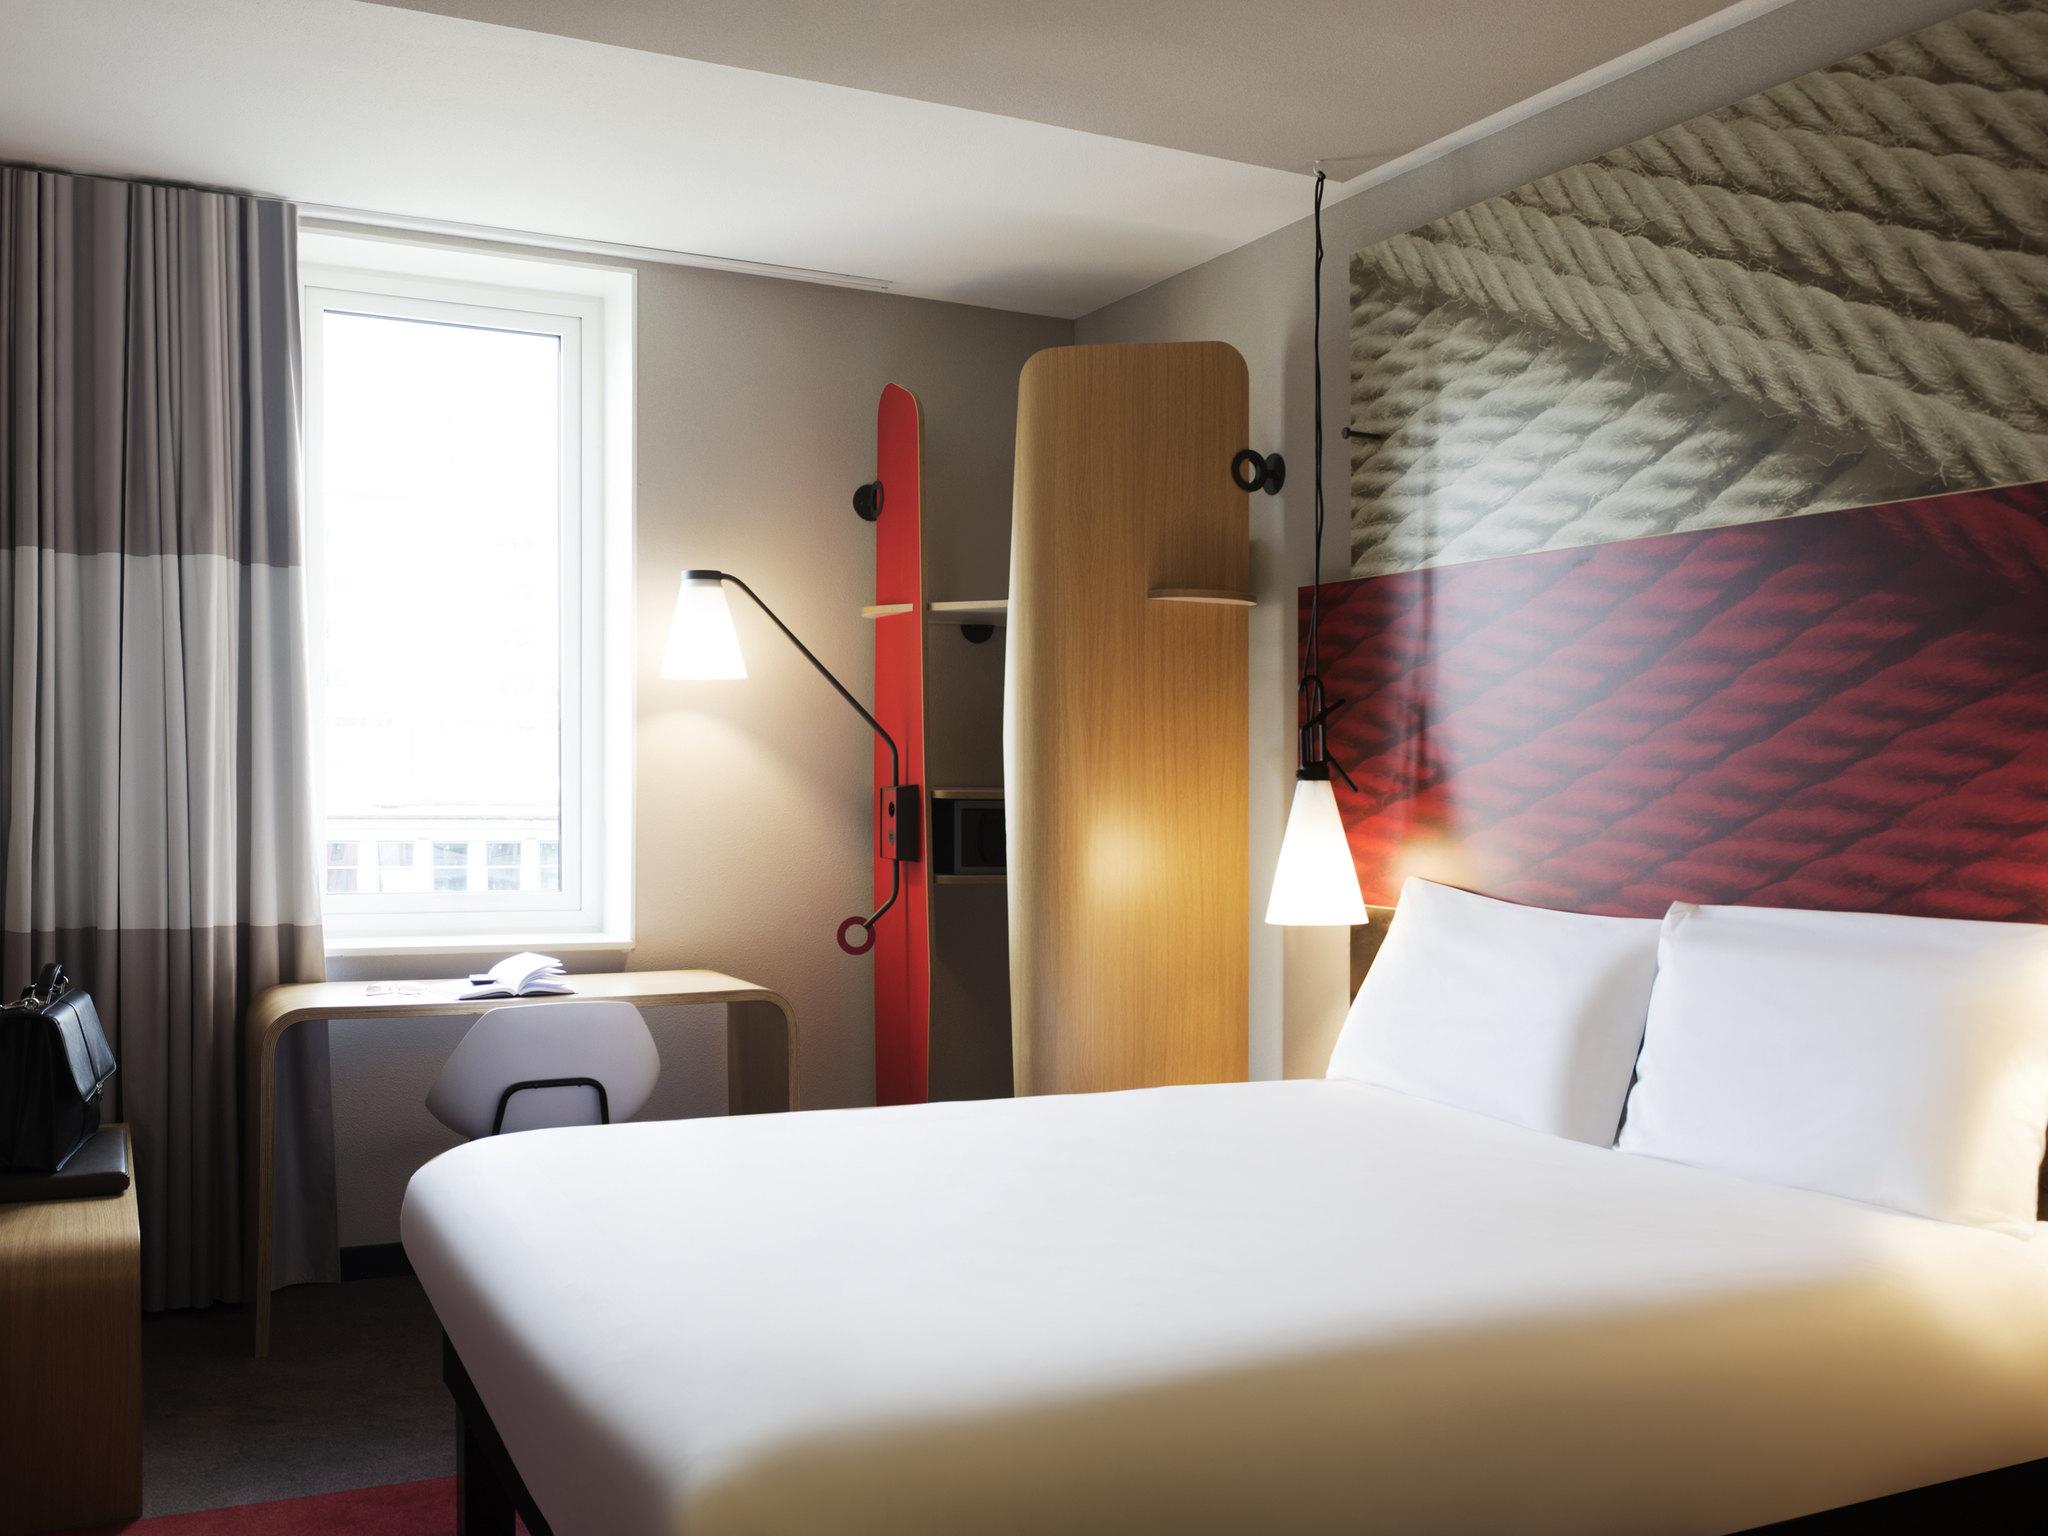 โรงแรม – ไอบิส รอตเตอร์ดัม ซิตี้ เซ็นเตอร์